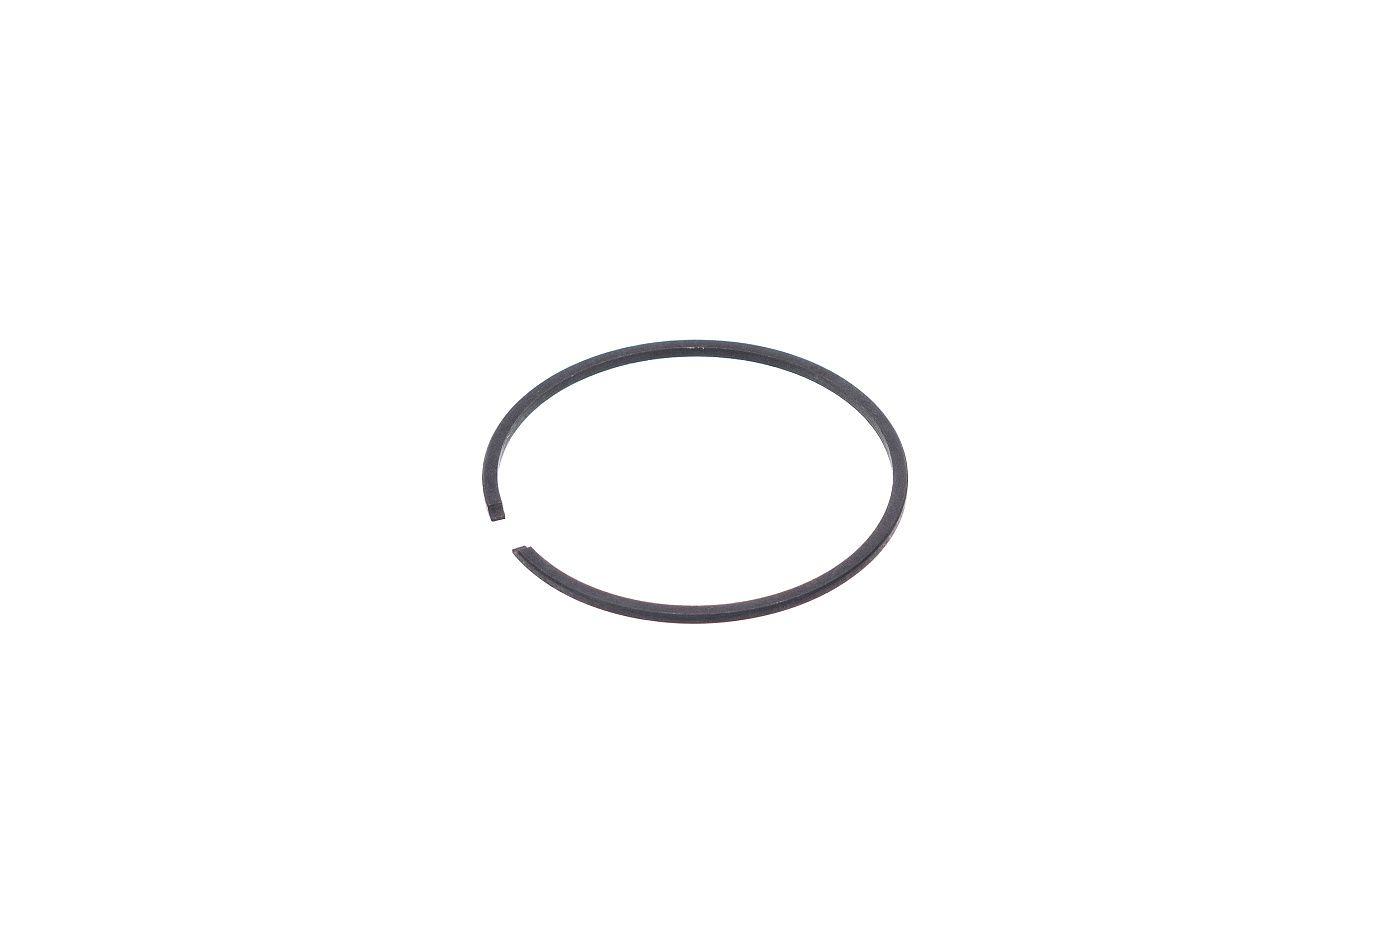 Piestne krúžok 44,7 x 1,5 mm